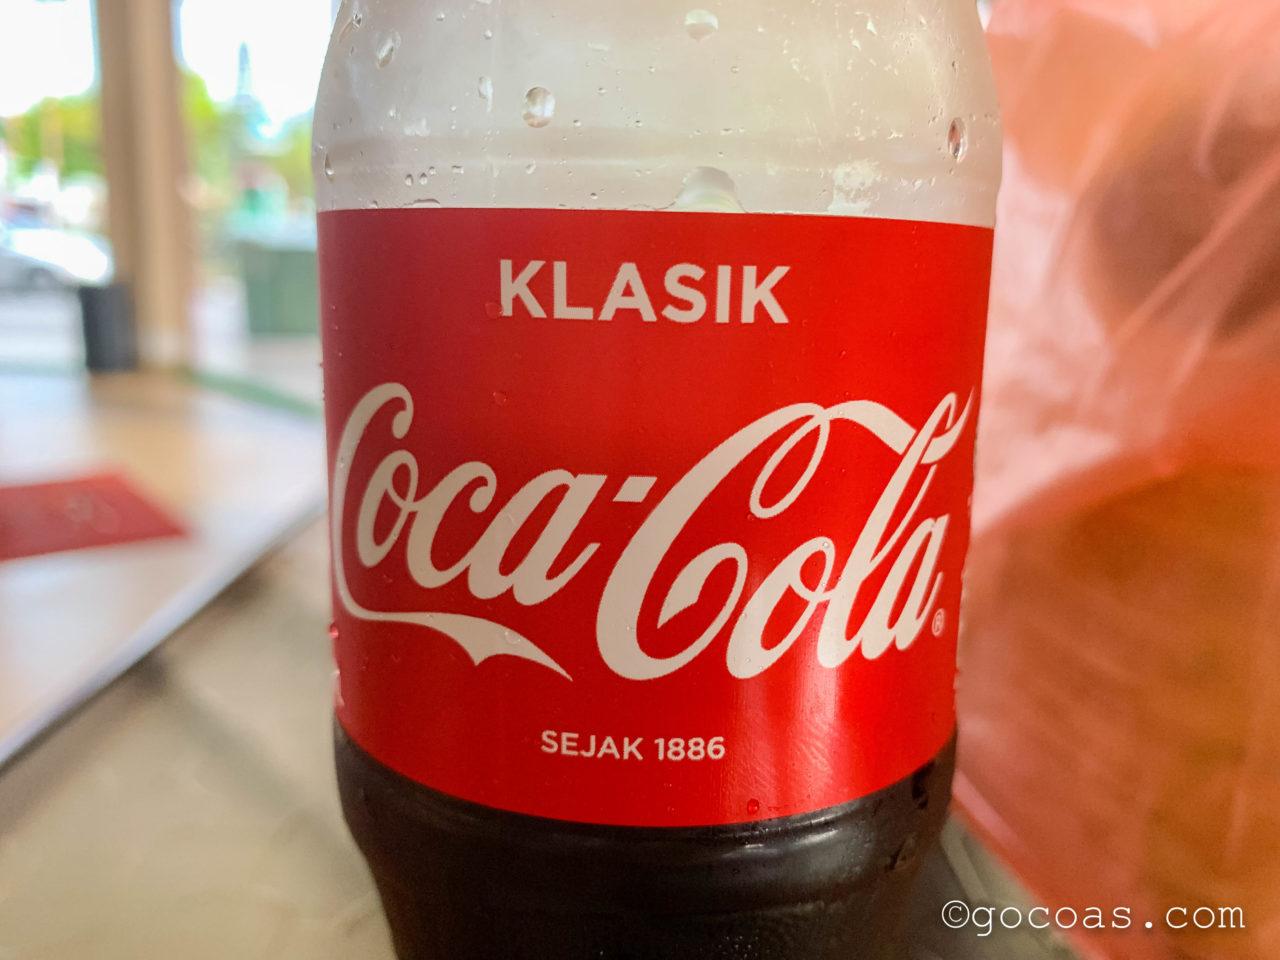 SE Hotel向かいにあったスーパーで買ったマレーシアのコーラ